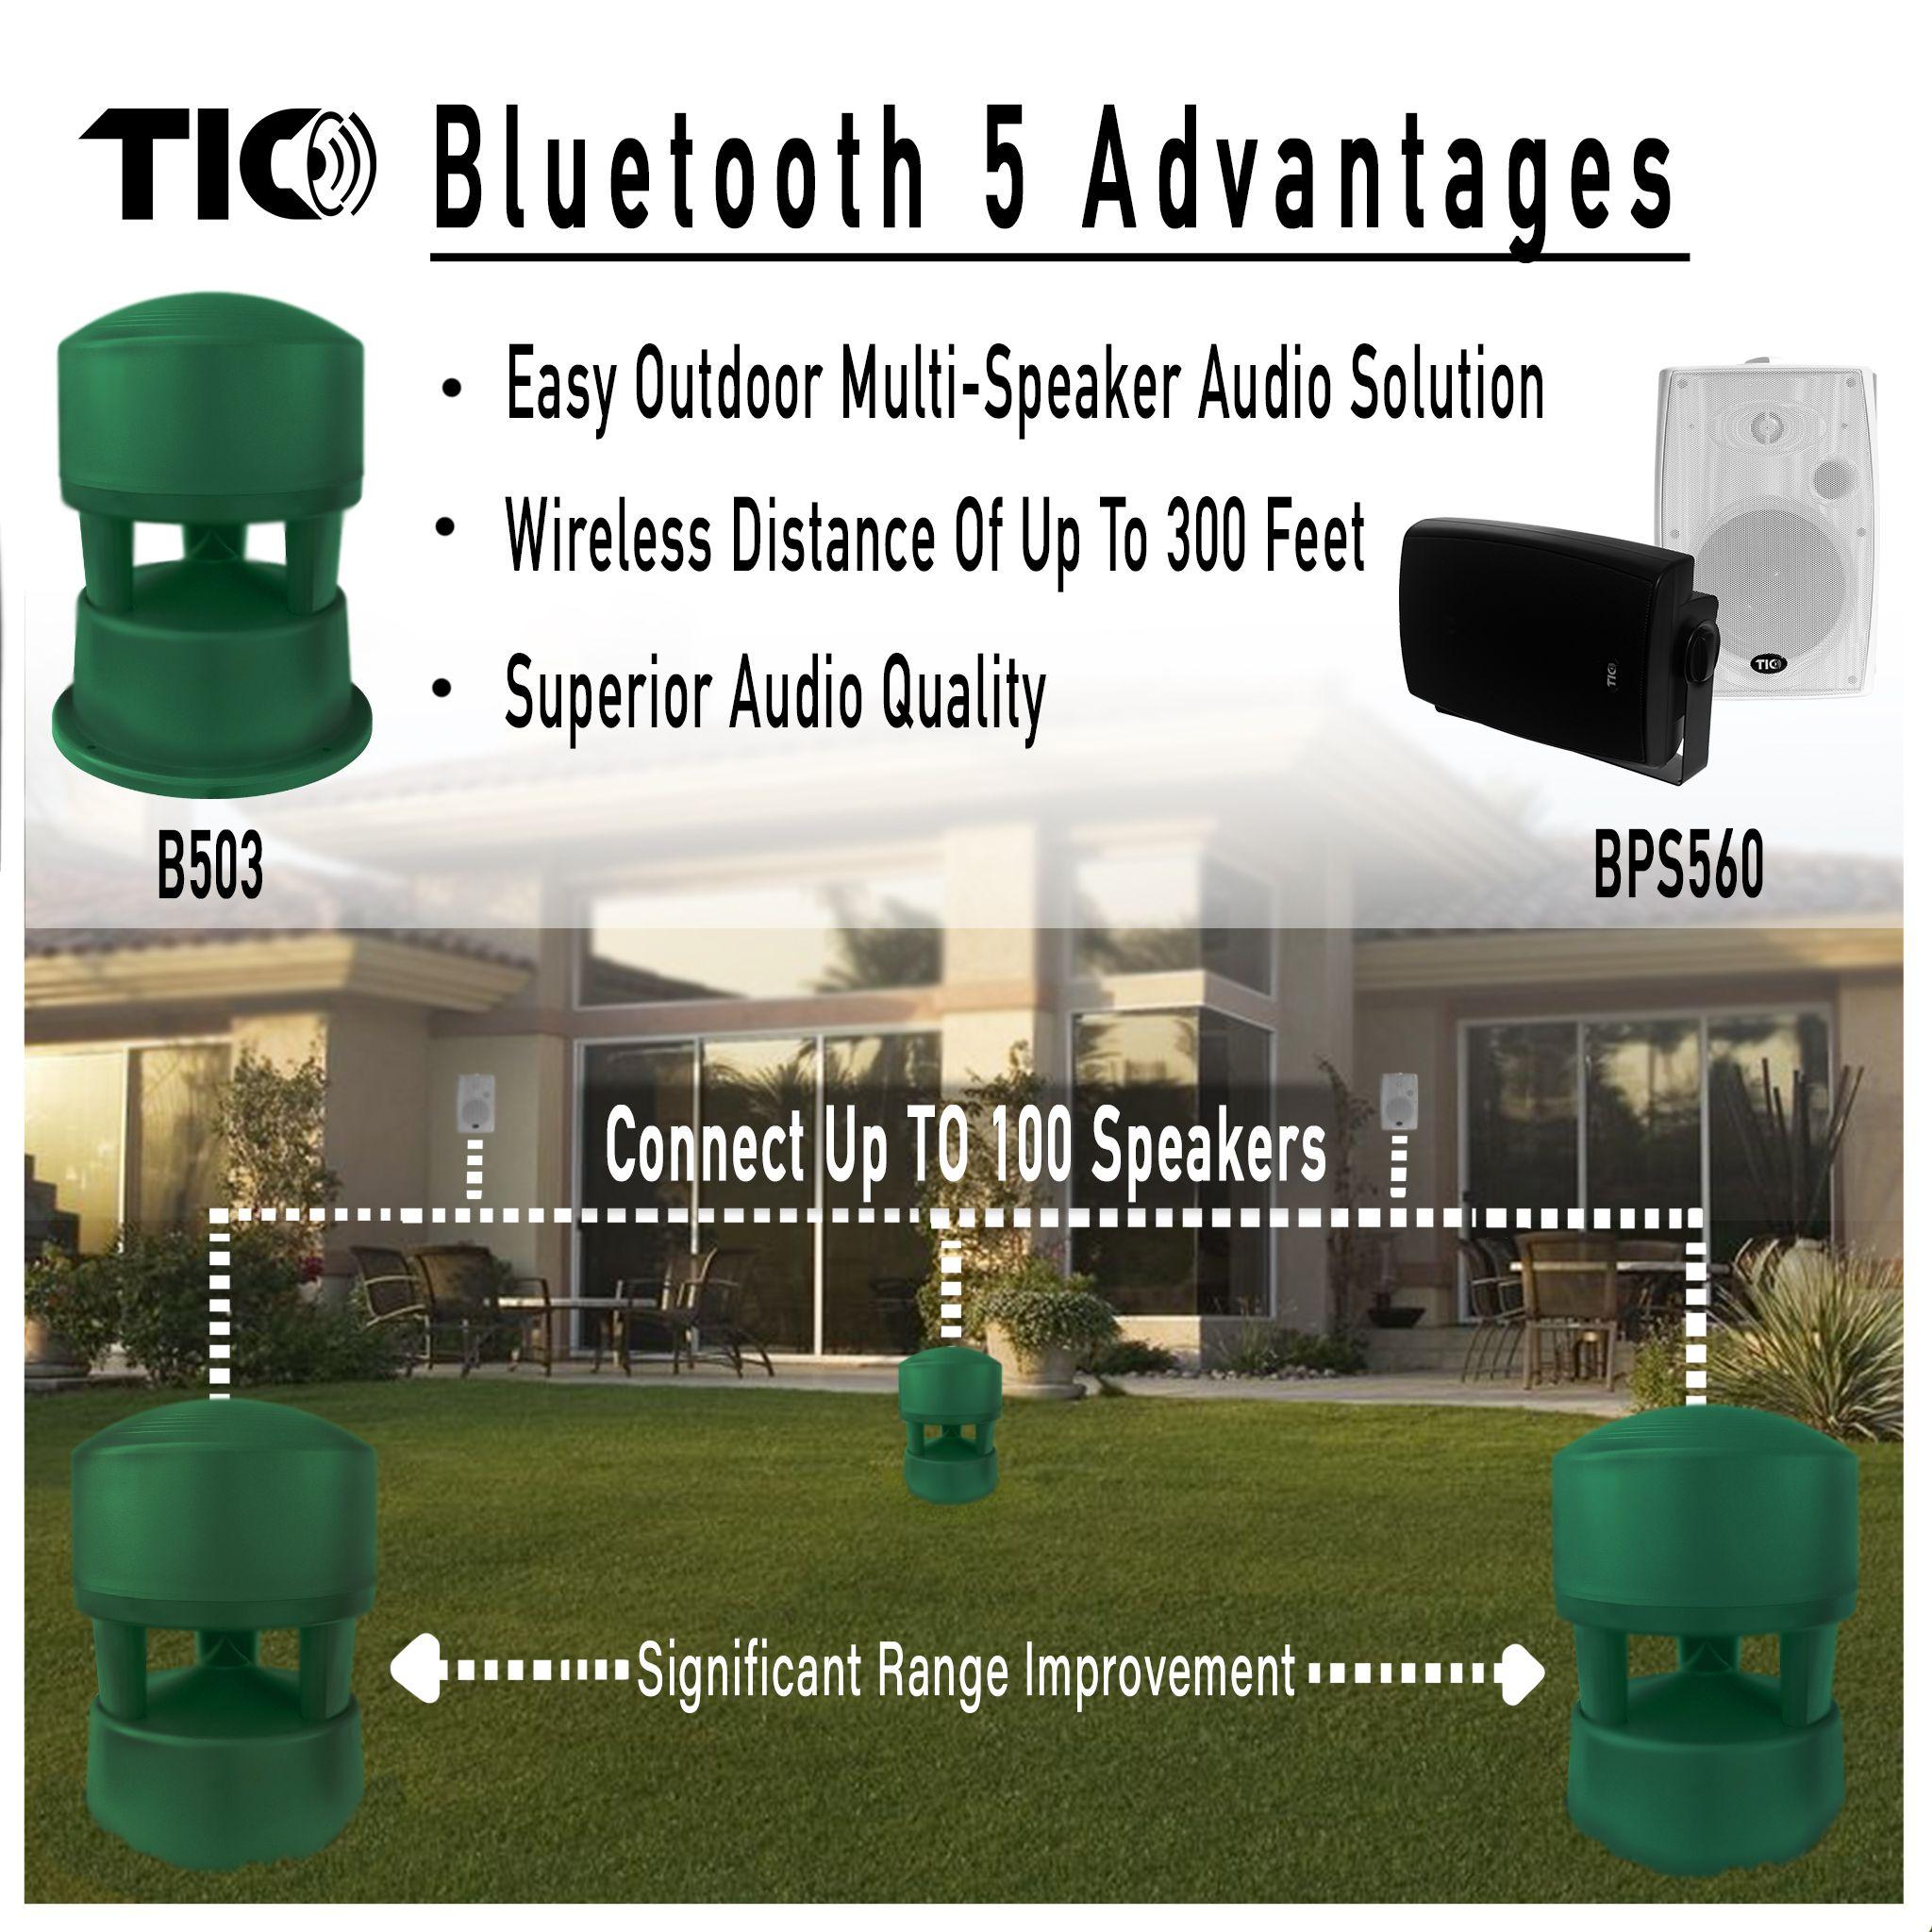 Bps560 Outdoor Bluetooth 5 Patio Speaker Single With Images Outdoor Speaker System Outdoor Sound System Outdoor Speakers Backyards